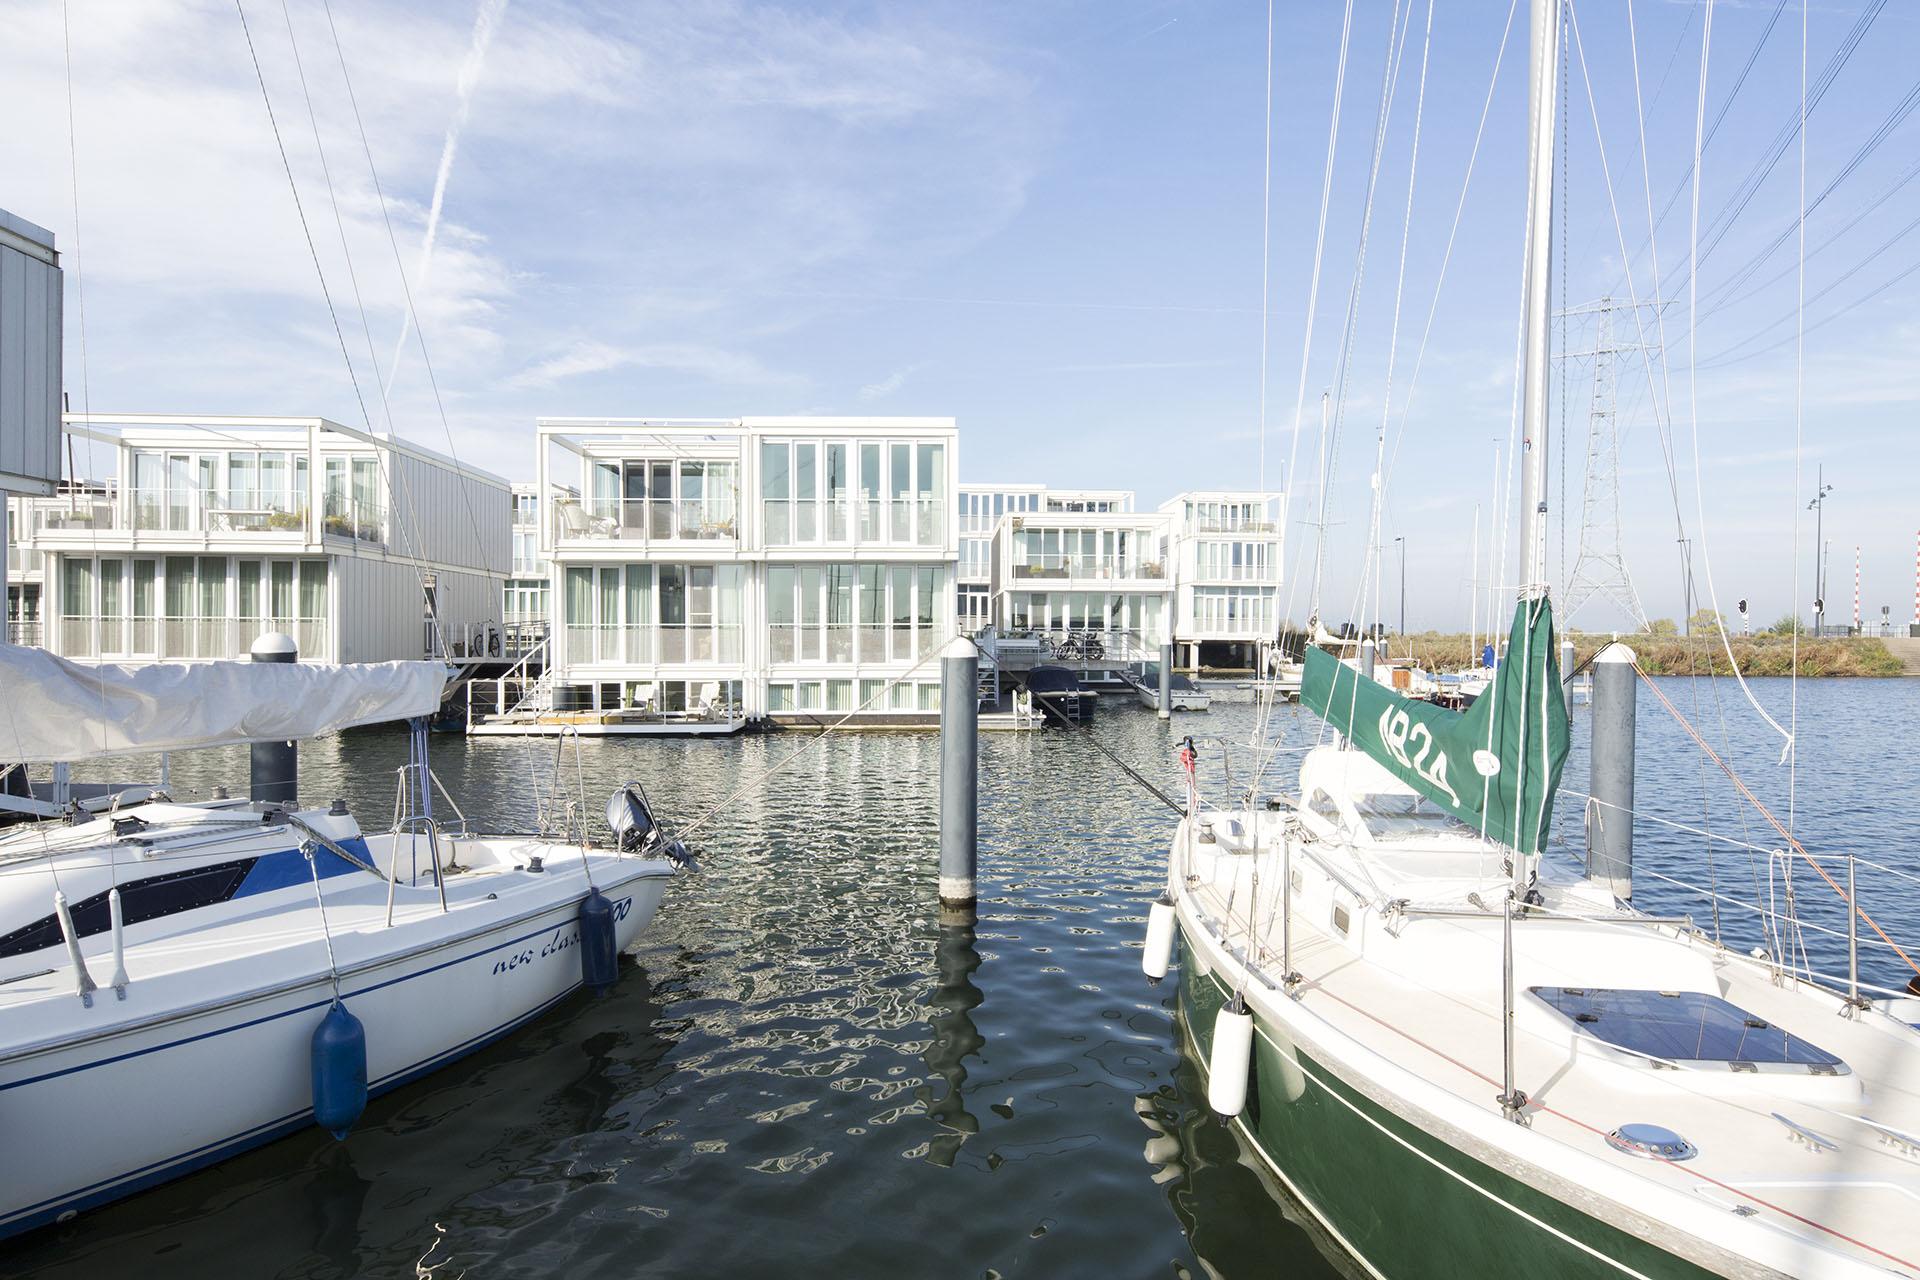 03-marc-koehler-amsterdam-simon-bosch-superlofts-architecture-architectuur- steigereiland-boot-boat